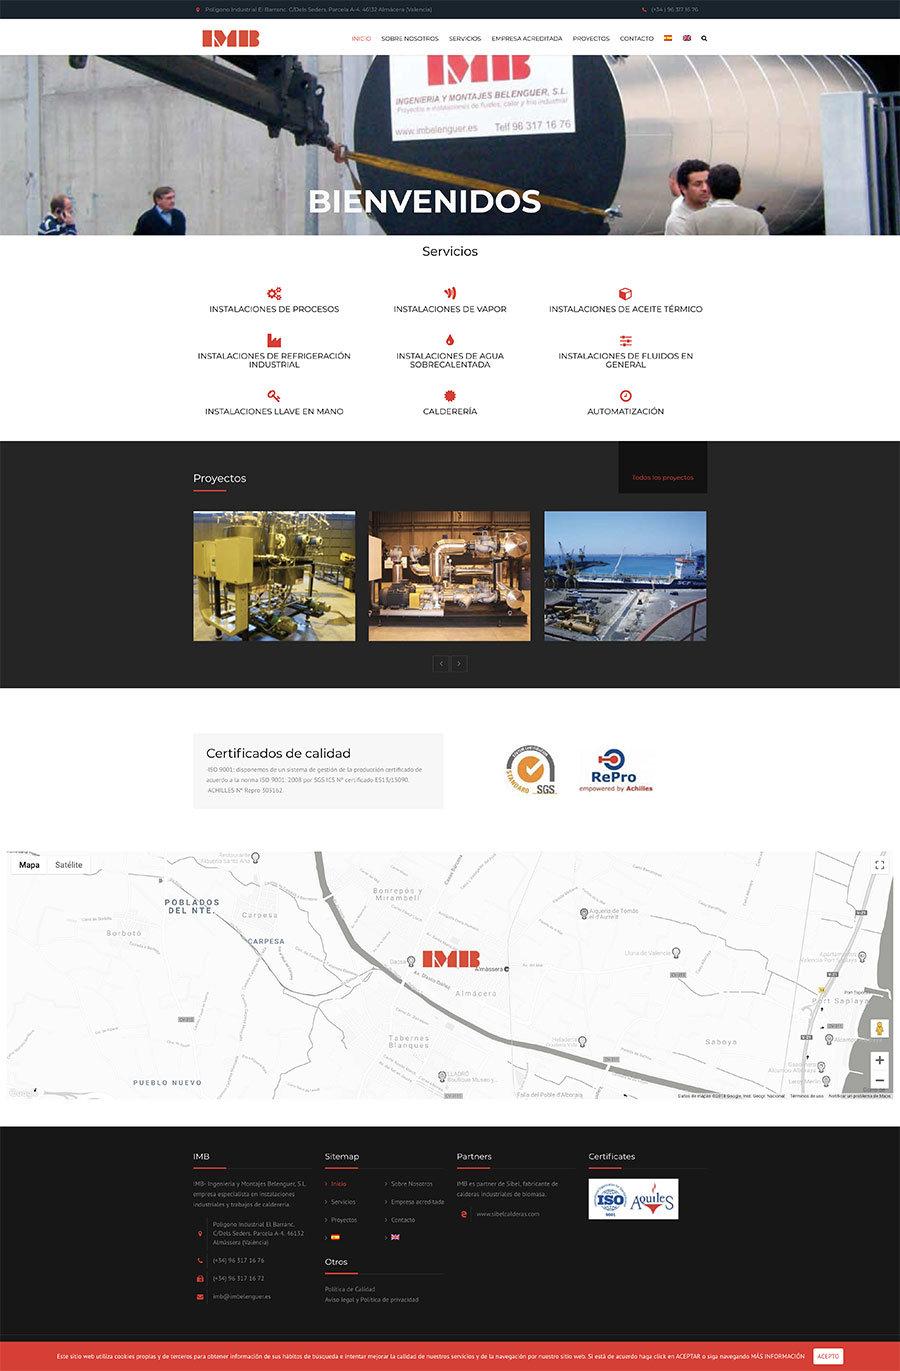 Wellaggio-diseño-web-valencia-imbelenguer-es-2018-08-16-17_35_17